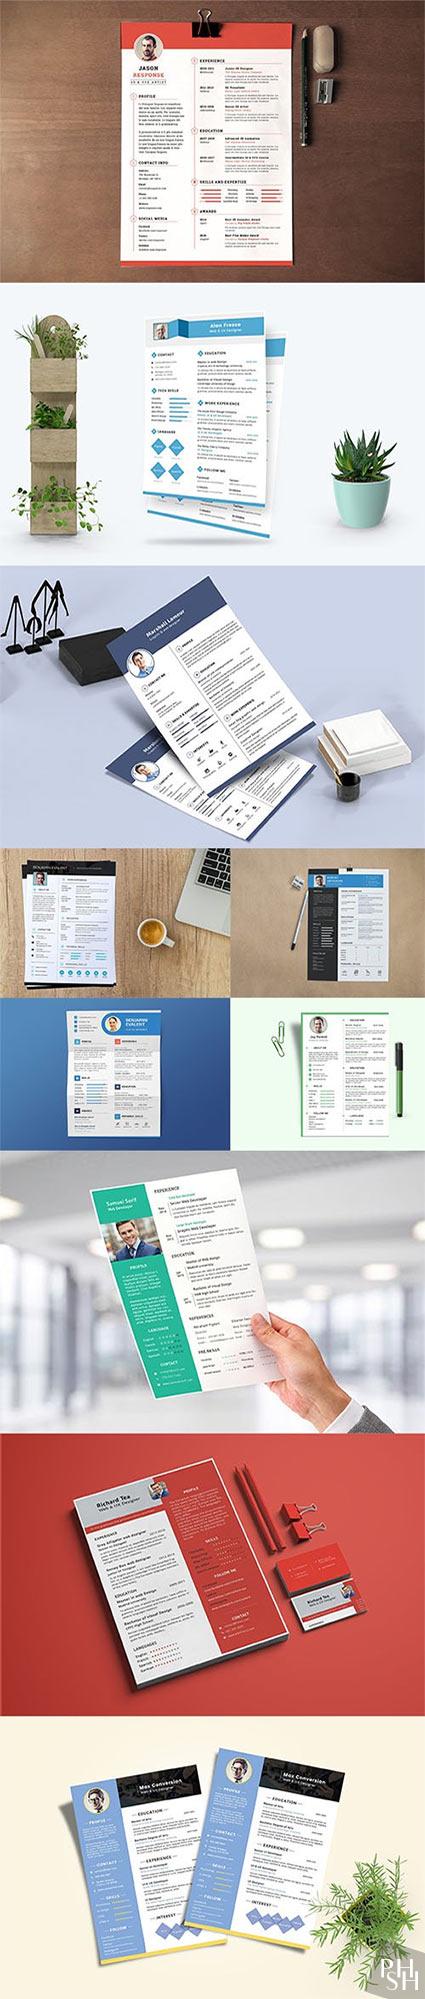 Resume / CV Template PSD Set vol3 Шаблоны резюме для